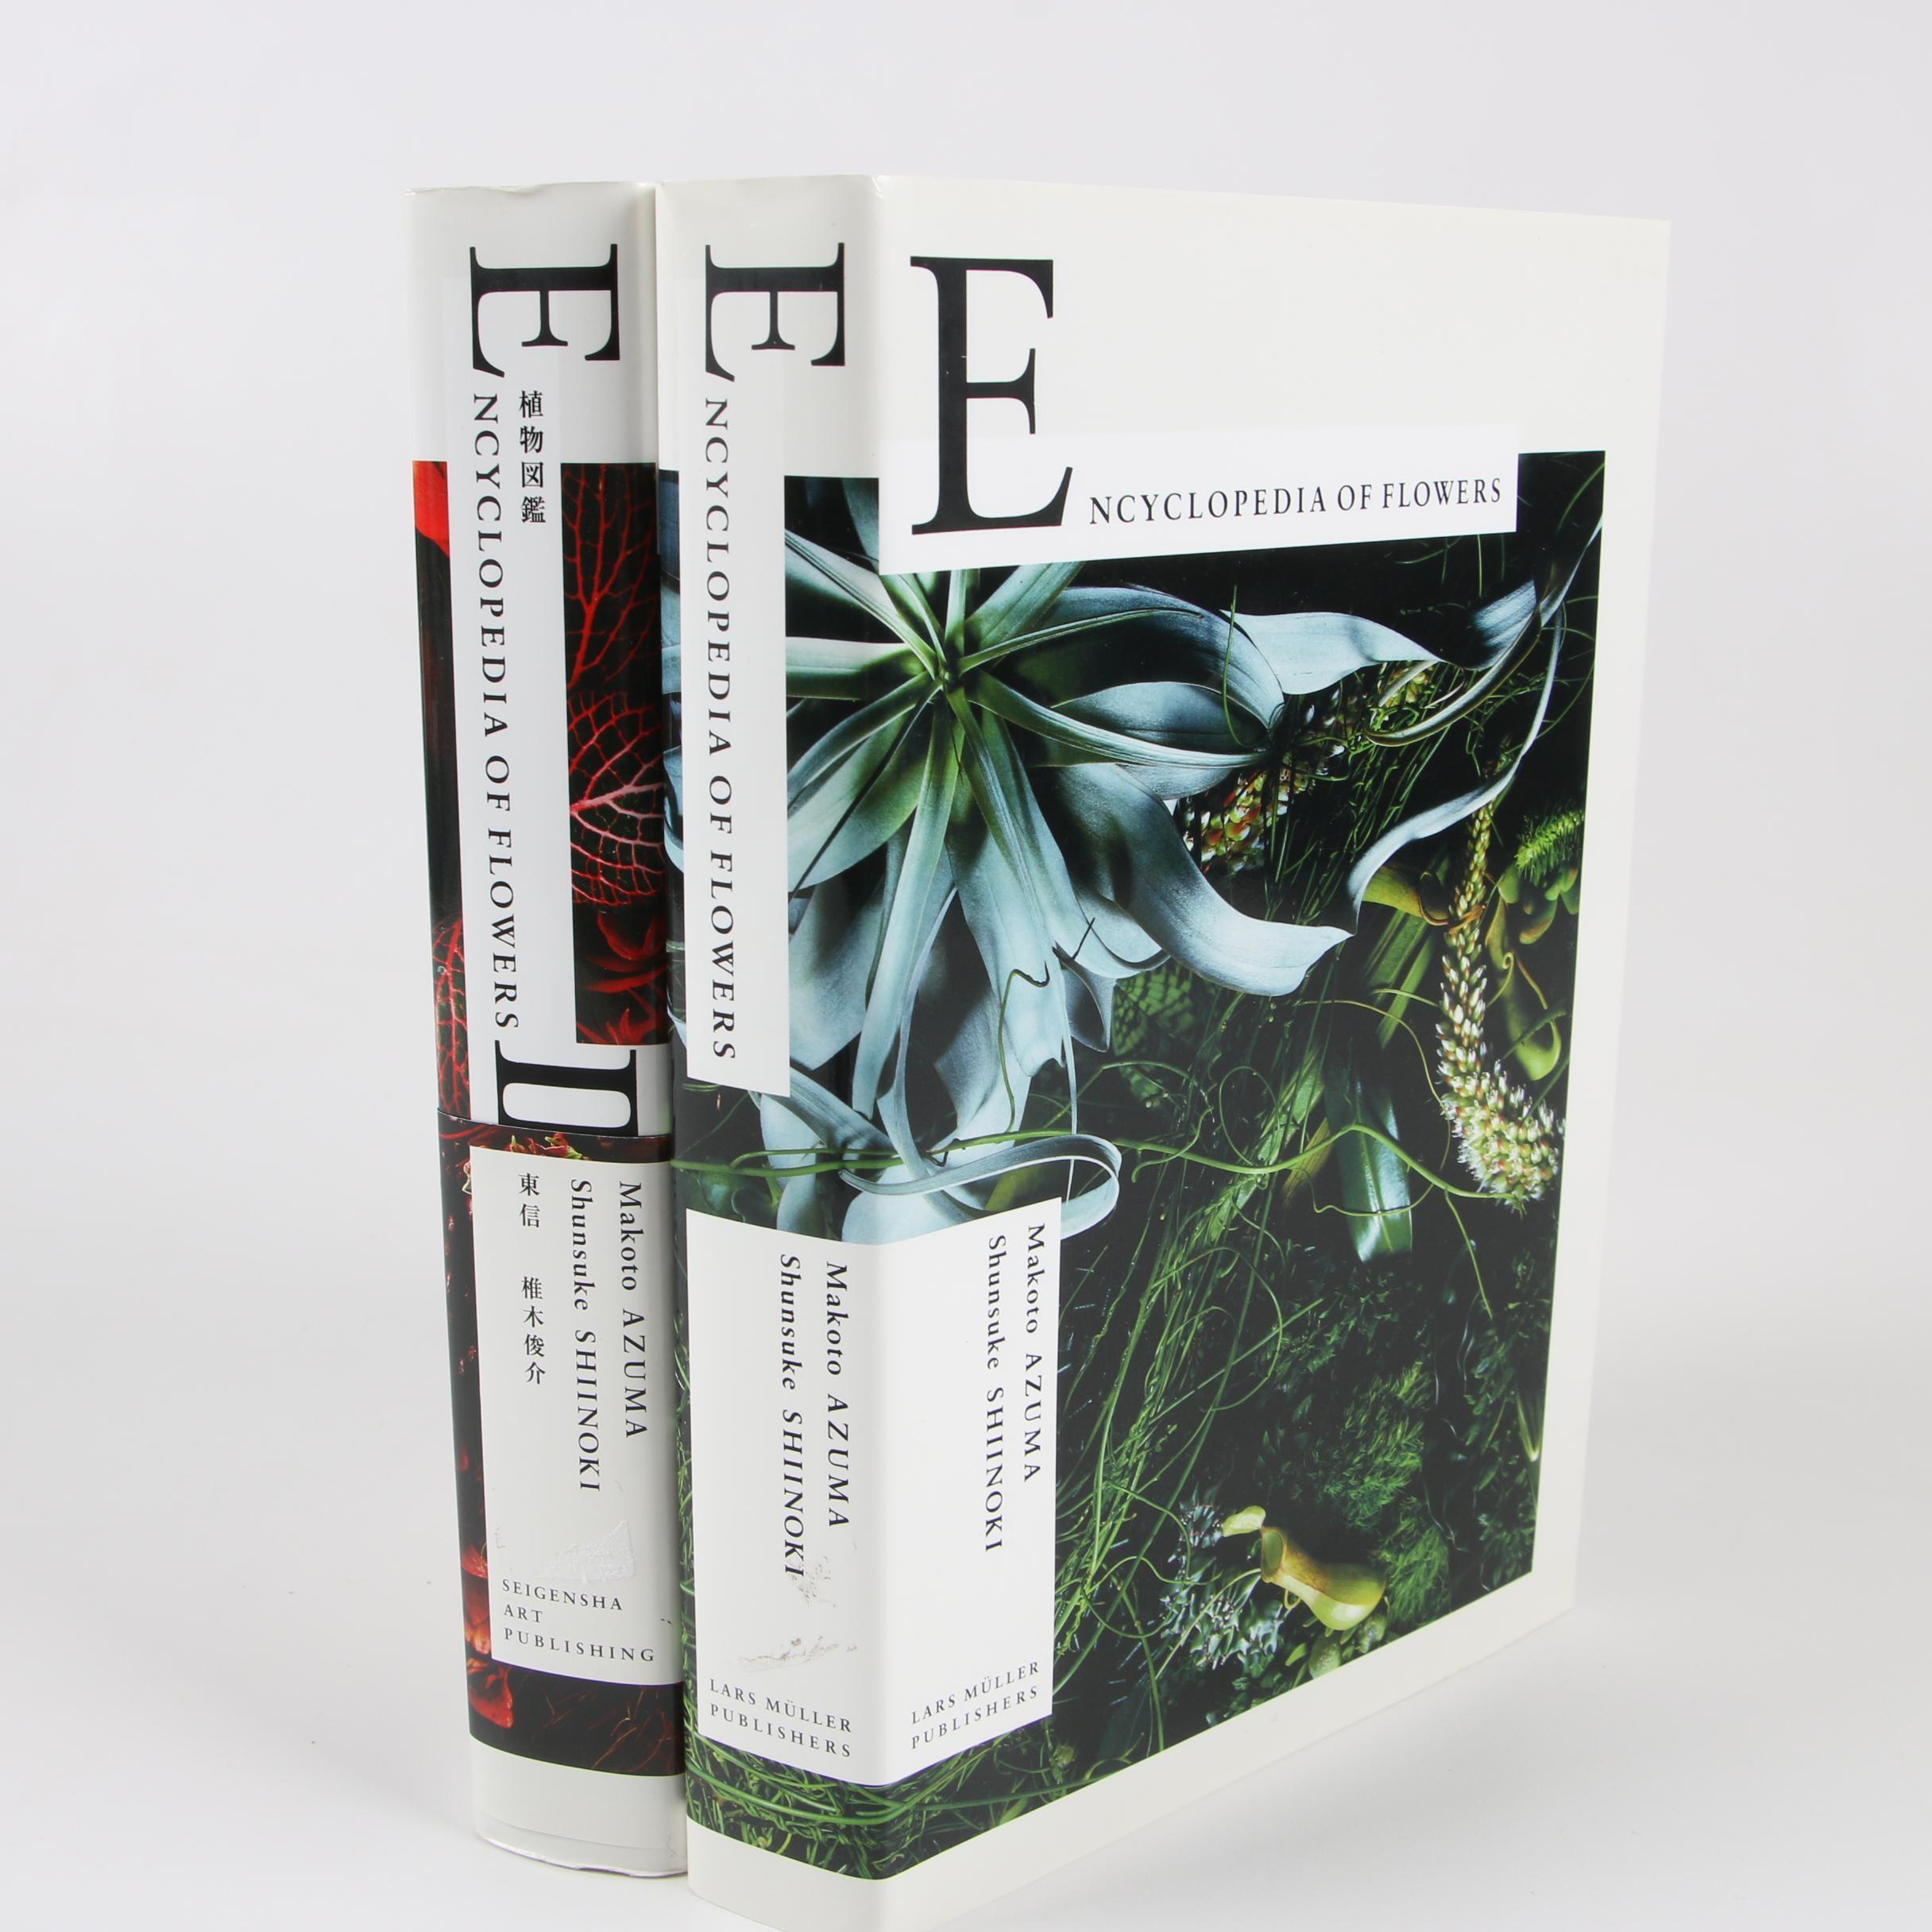 """Two-Volume """"Encyclopedia of Flowers"""" Edited by Kyoko Wada, 2012"""